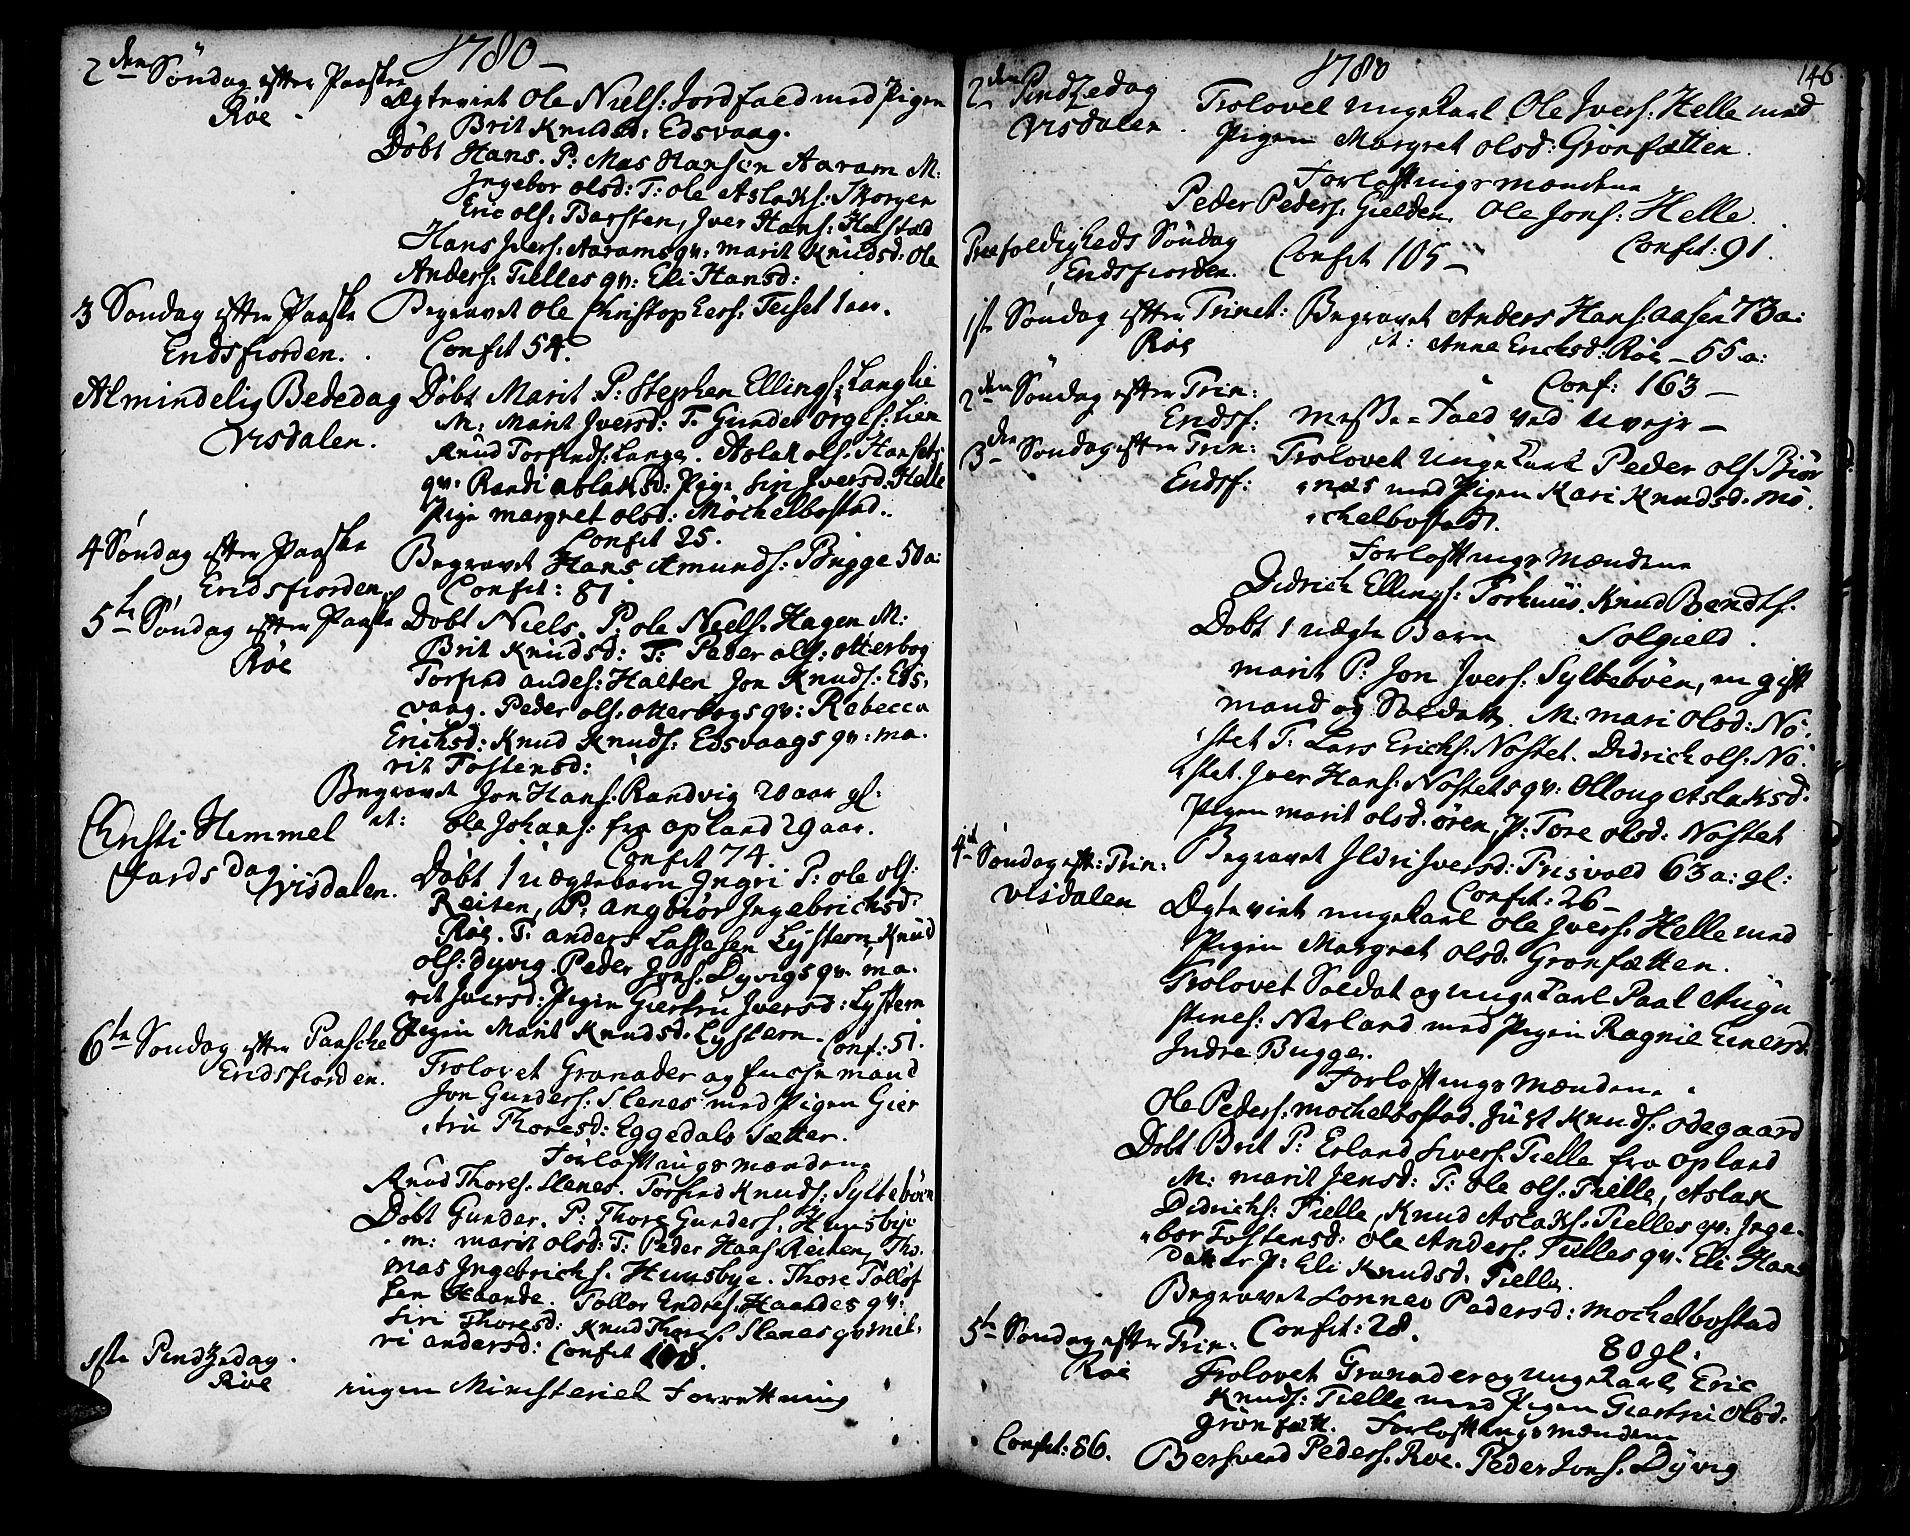 SAT, Ministerialprotokoller, klokkerbøker og fødselsregistre - Møre og Romsdal, 551/L0621: Ministerialbok nr. 551A01, 1757-1803, s. 146